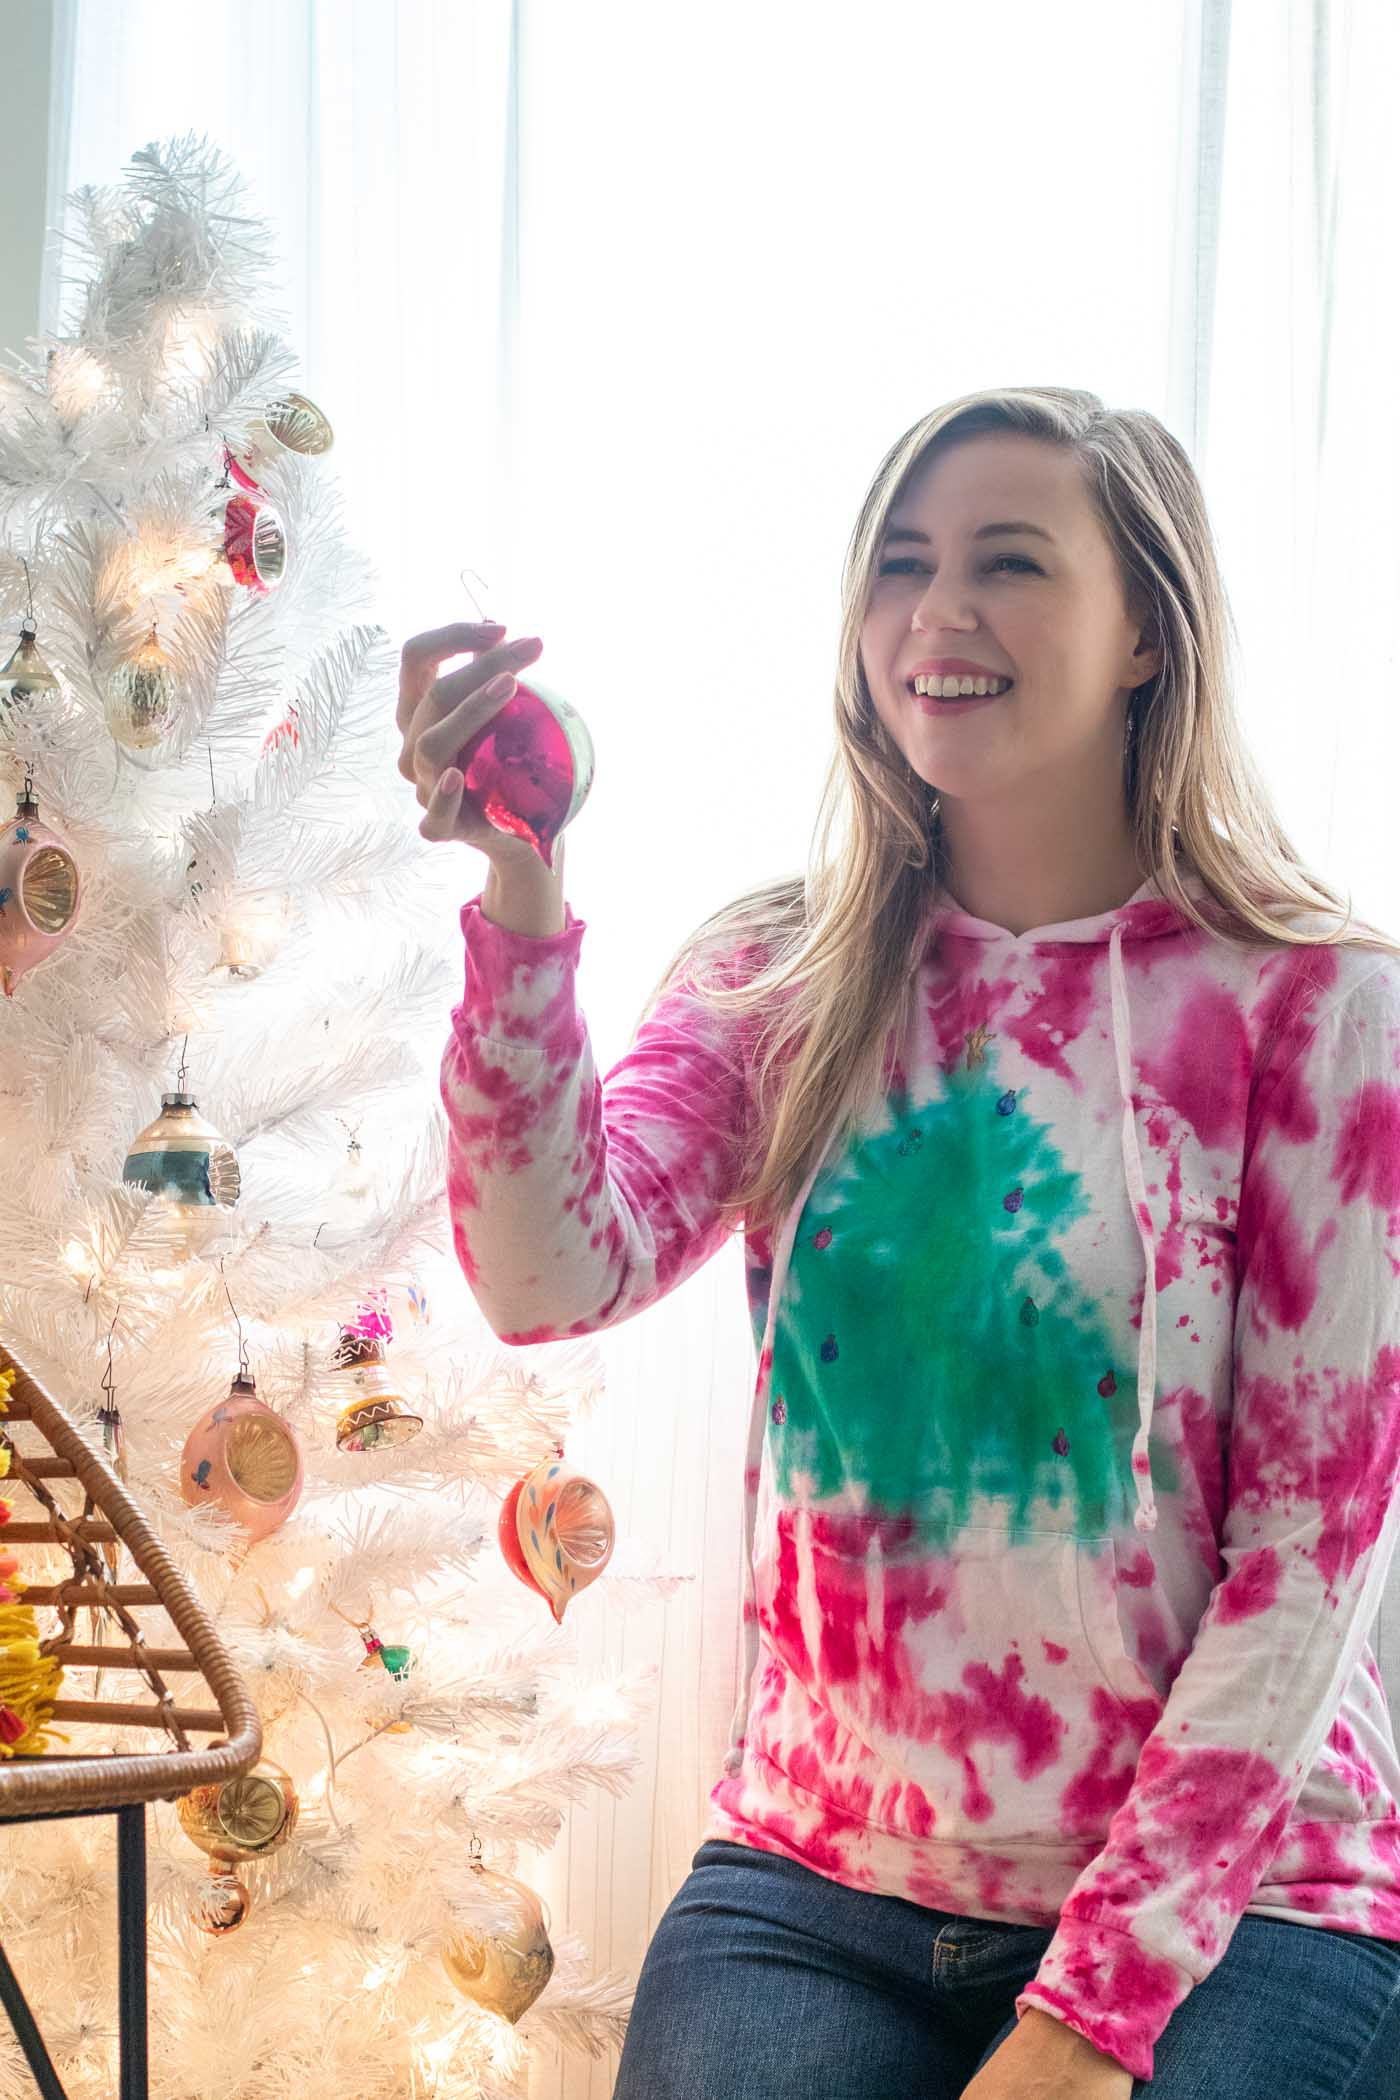 Tie Dye Christmas Tree Sweater // 2-Minute Tie Dye Tutorial // How to tie dye a Christmas sweater with a tree pattern using new Tulip 2-Minute Tie Dye #ad #tiedye #christmas #christmastree #christmasfashion #fabric #fabricpaint